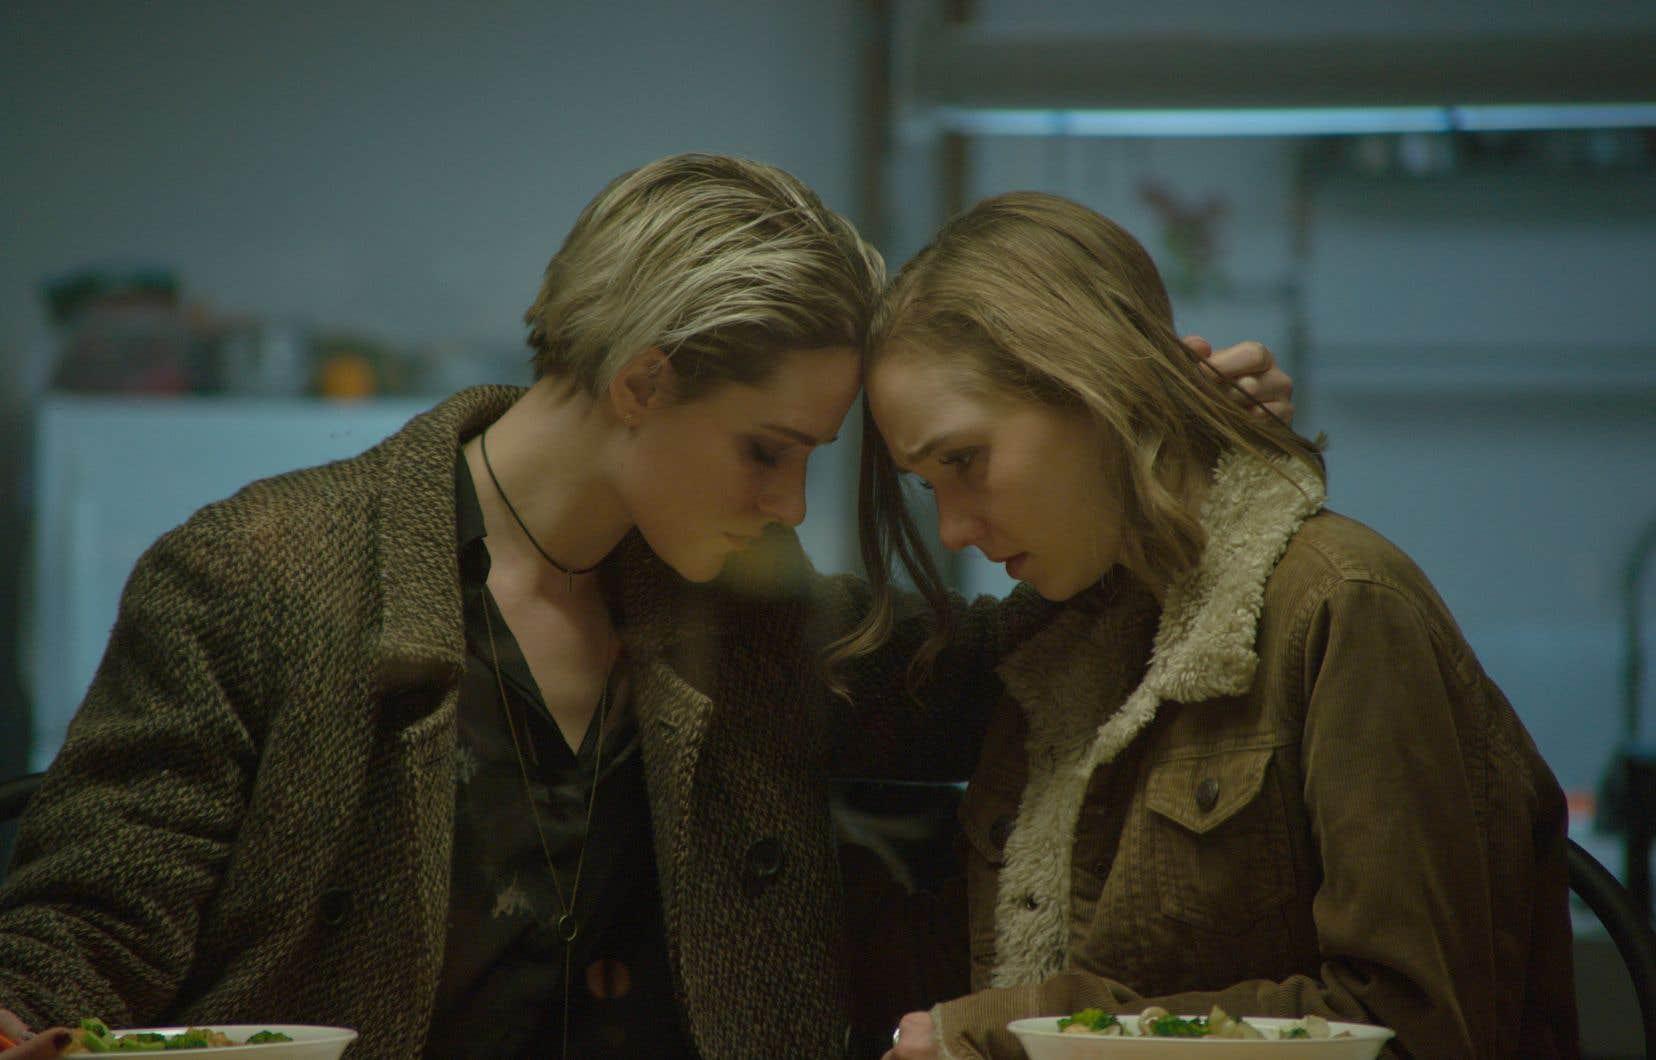 Evan Rachel Wood incarne Laura avec un brio sidérant. Julia Sarah Stone compose une victime dont la geôle physique devient mentale.